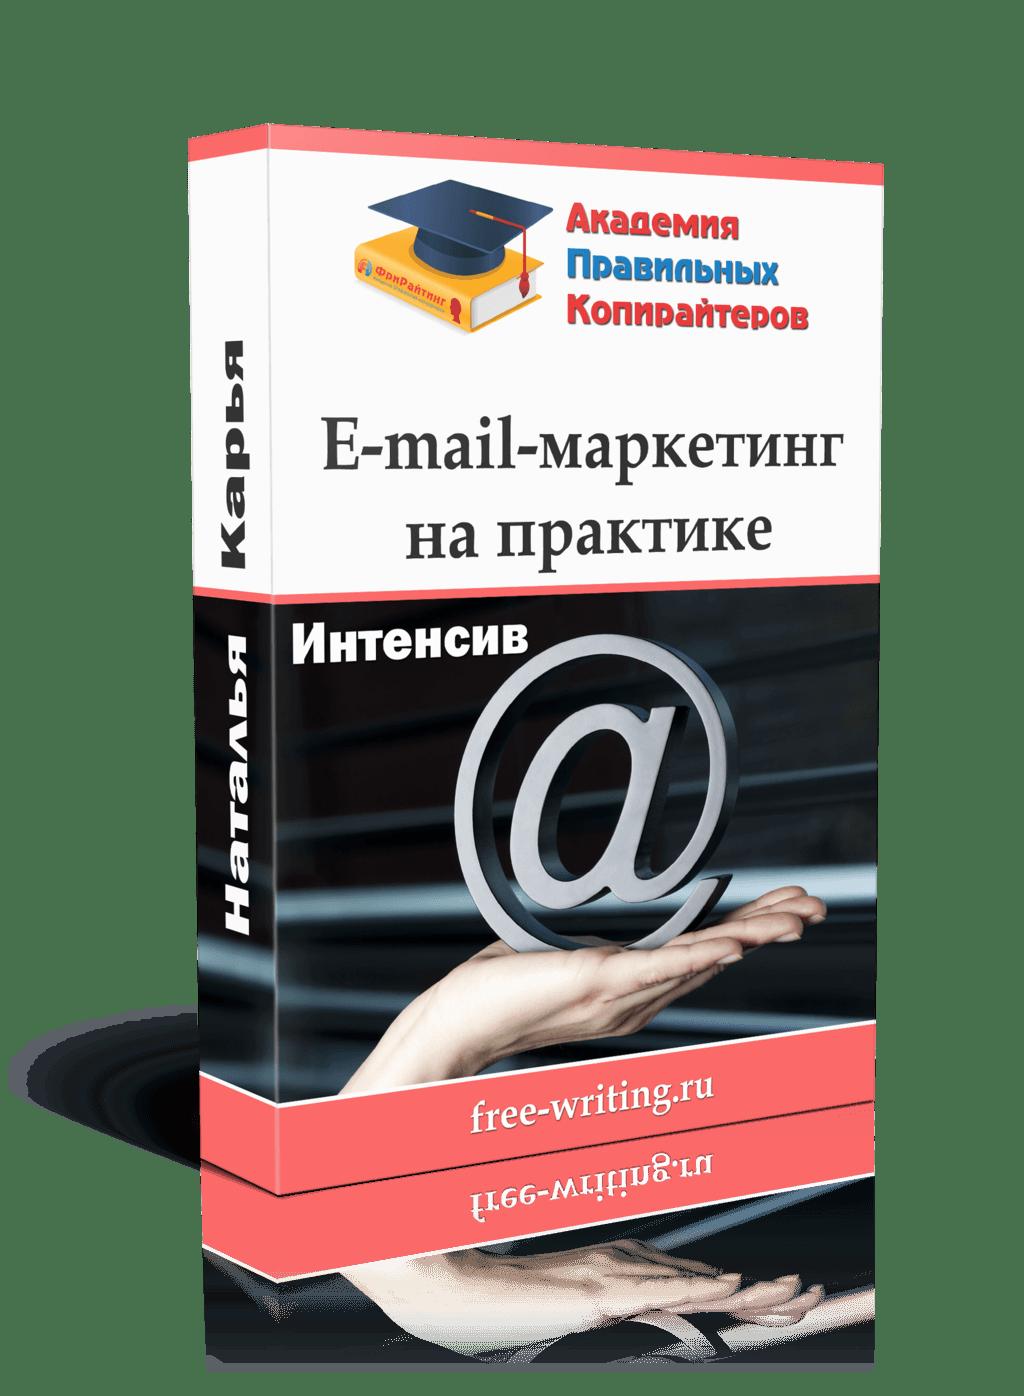 Интенсив Email-Маркетинга на практике